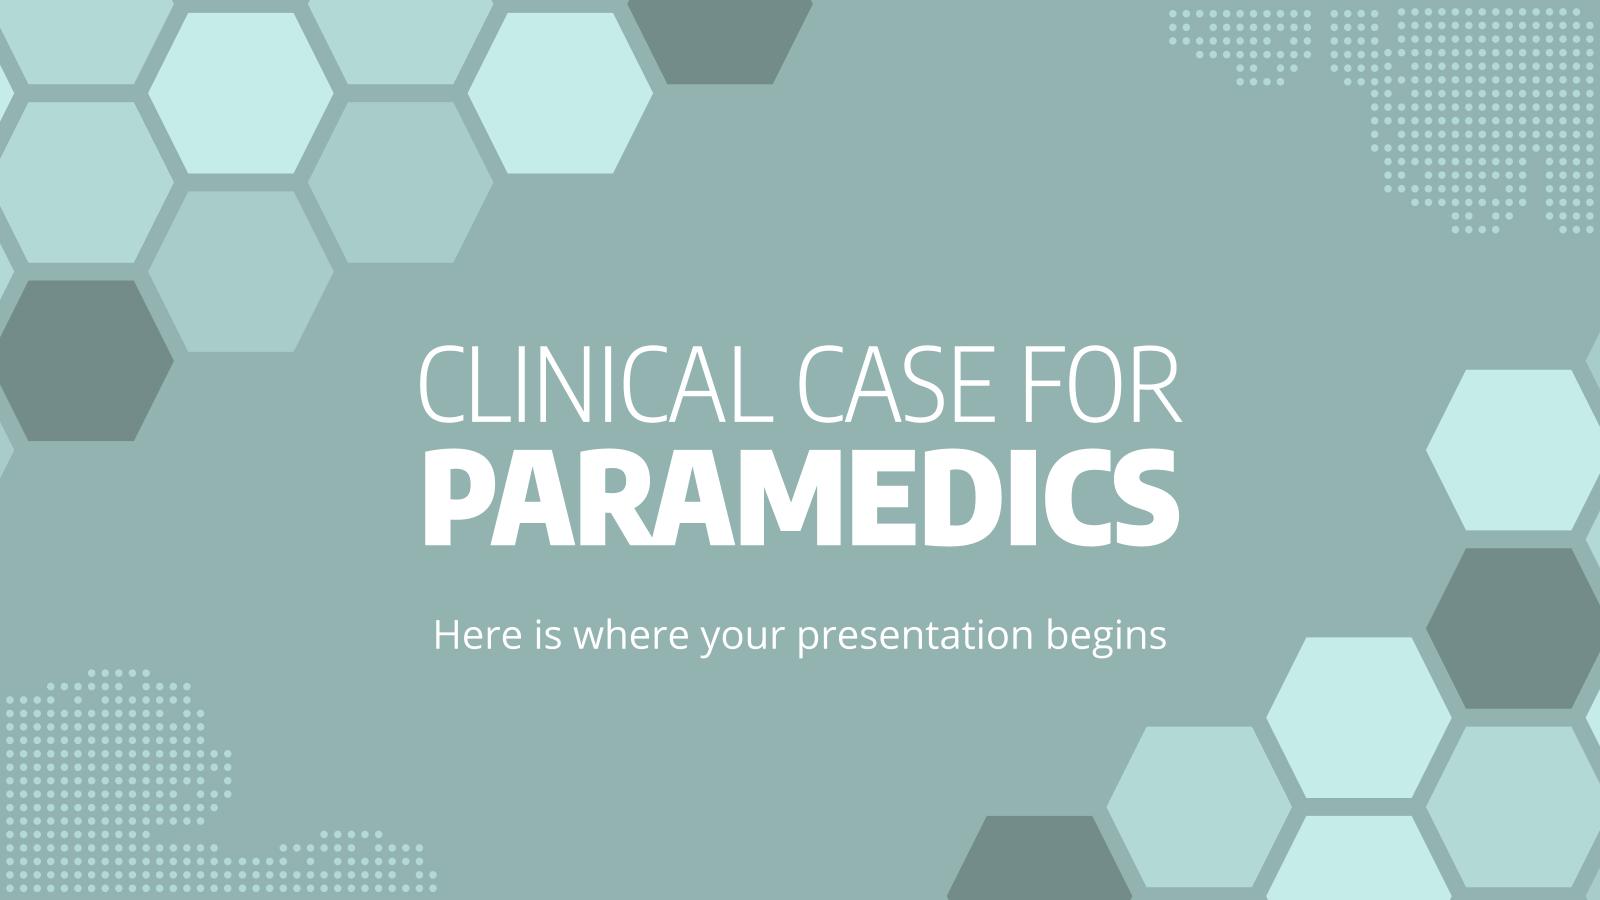 Cas clinique pour les ambulanciers : Modèles de présentation